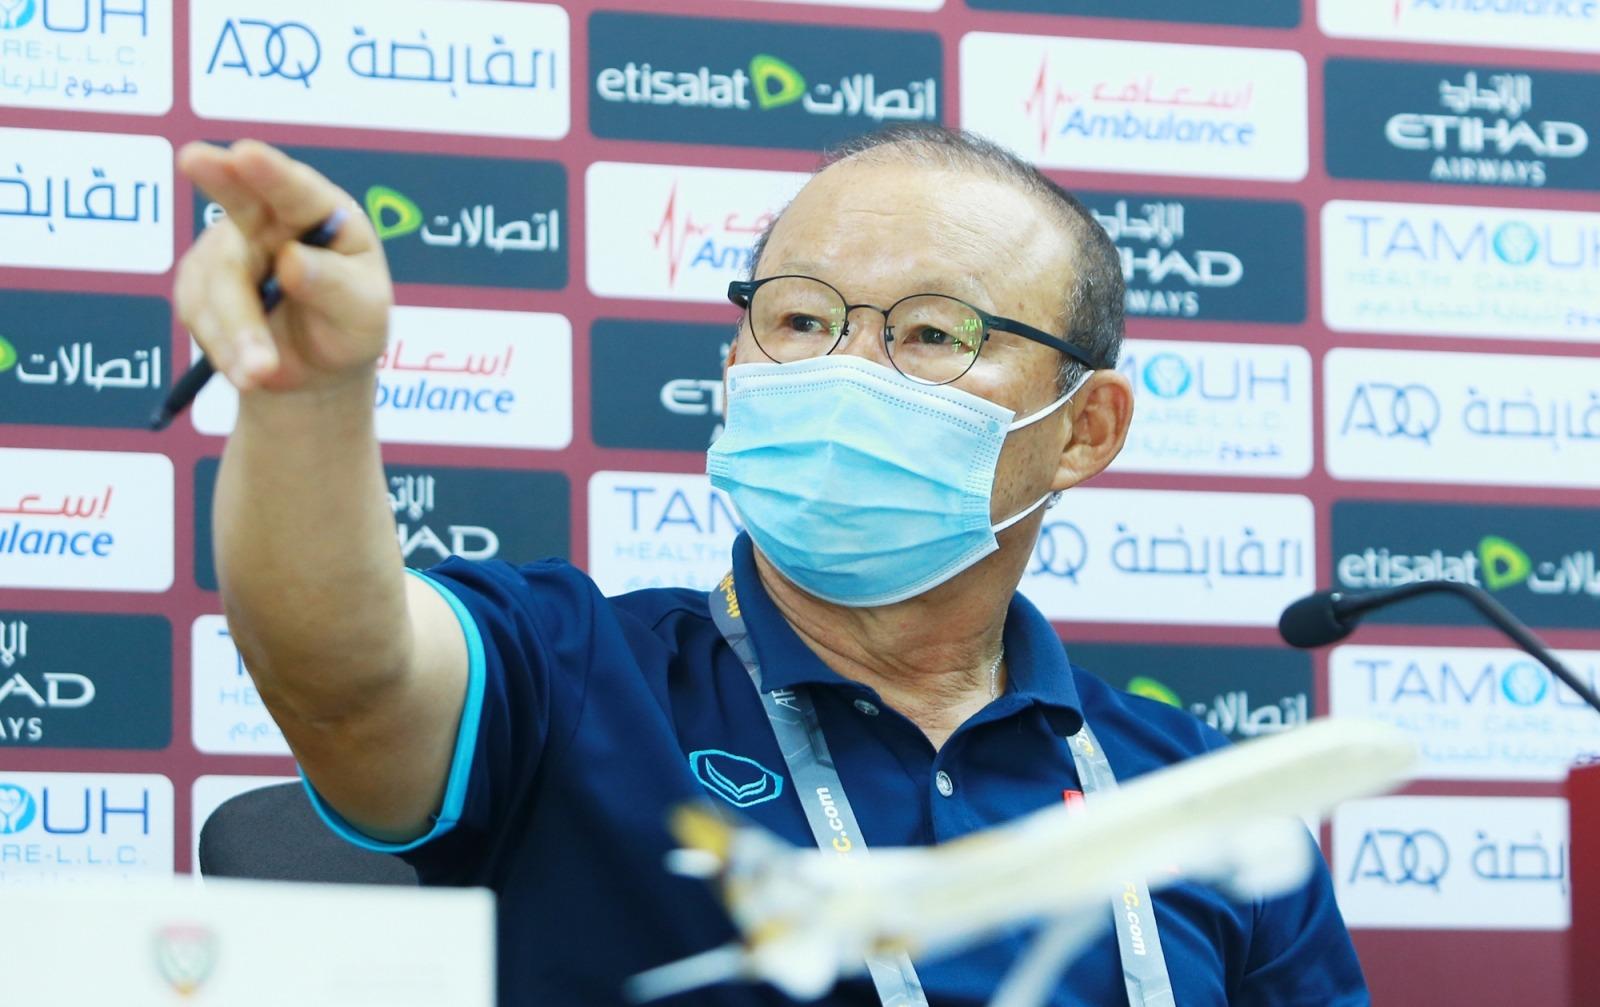 Thầy Park từ chối yêu cầu của BTC, nổi nóng với phóng viên UAE  - Bóng Đá